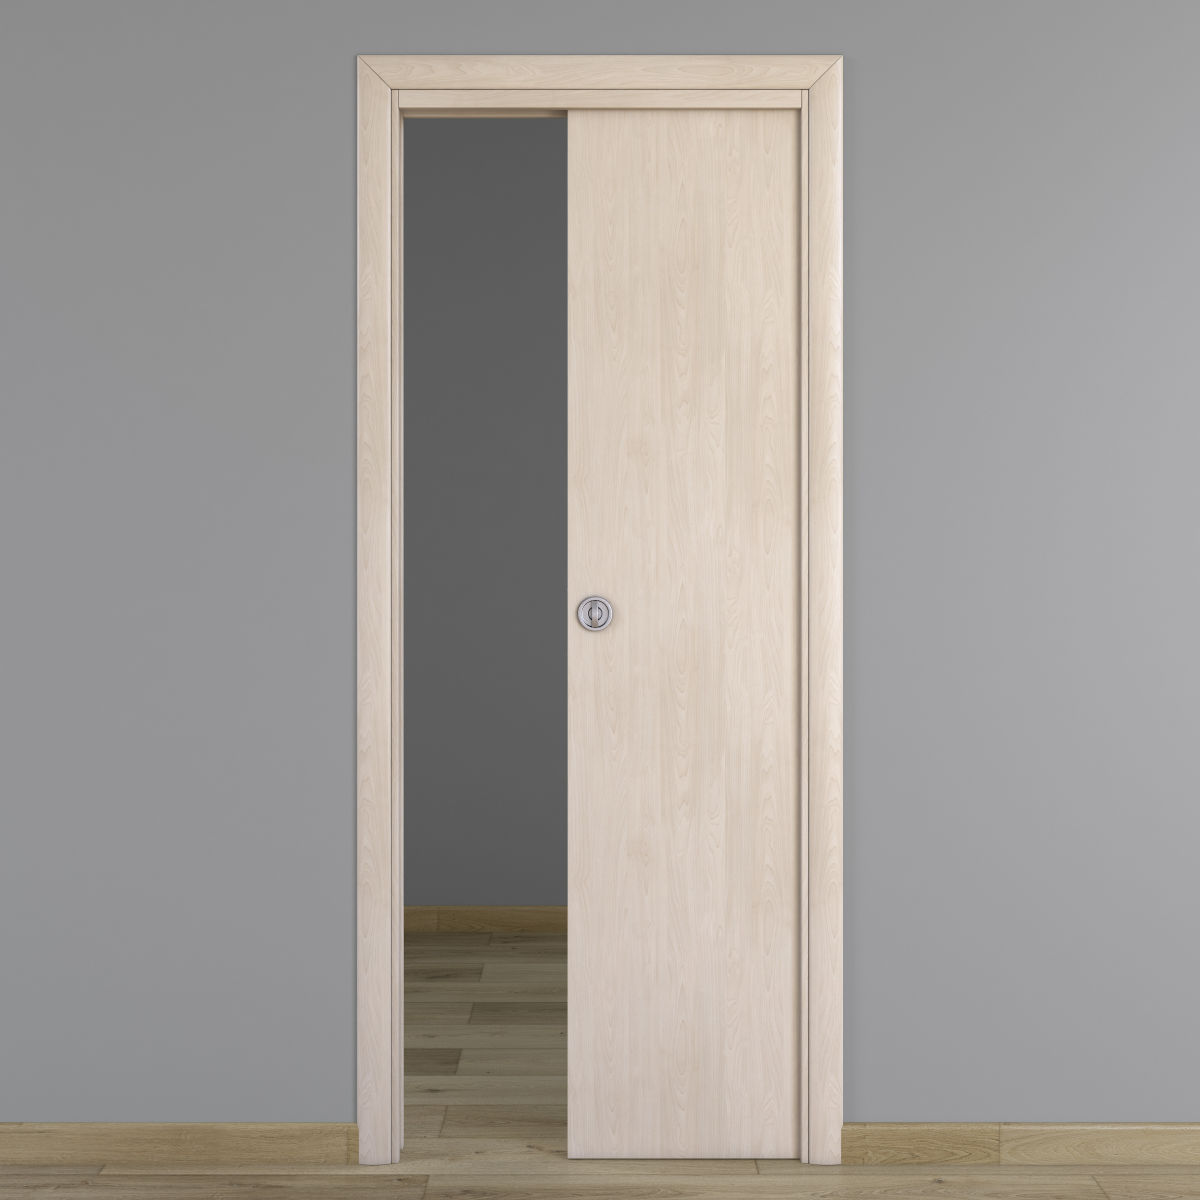 Offerta porte scorrevoli gallery of offerte porte a soffietto nel volantino prezzi negozio with - Offerta porte da interno ...